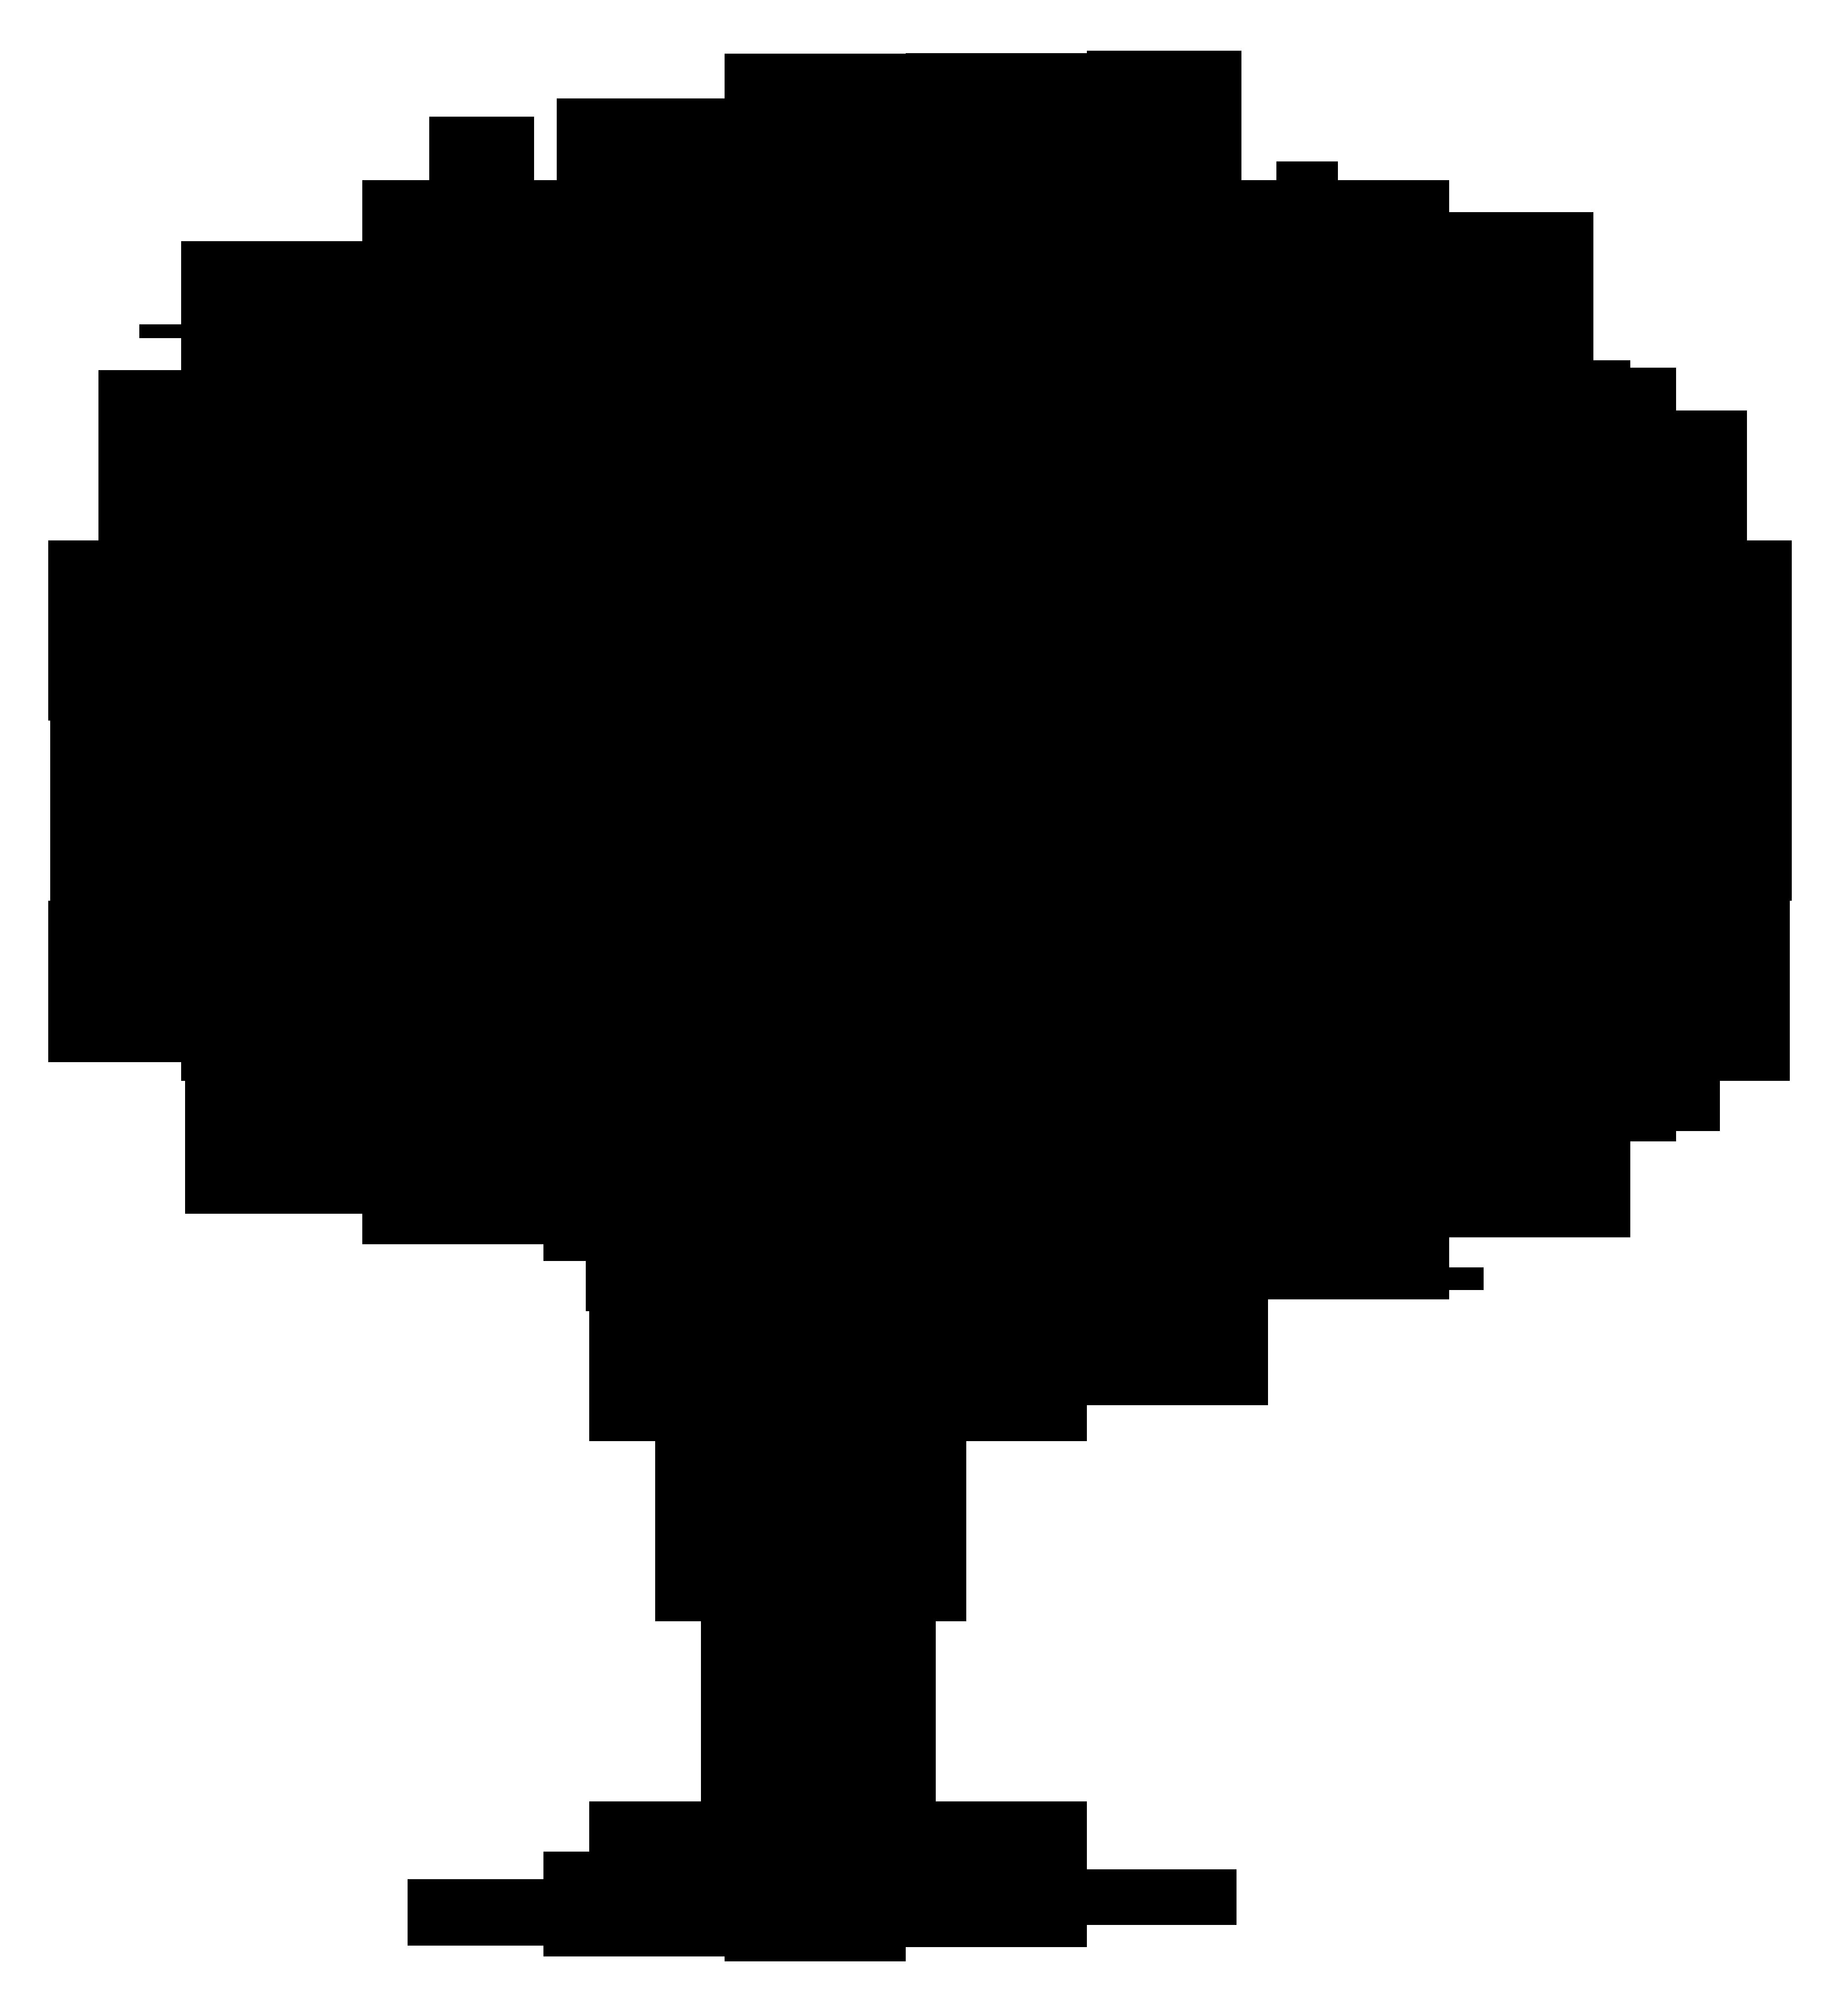 дерево рисунок распечатать непосредственной близости